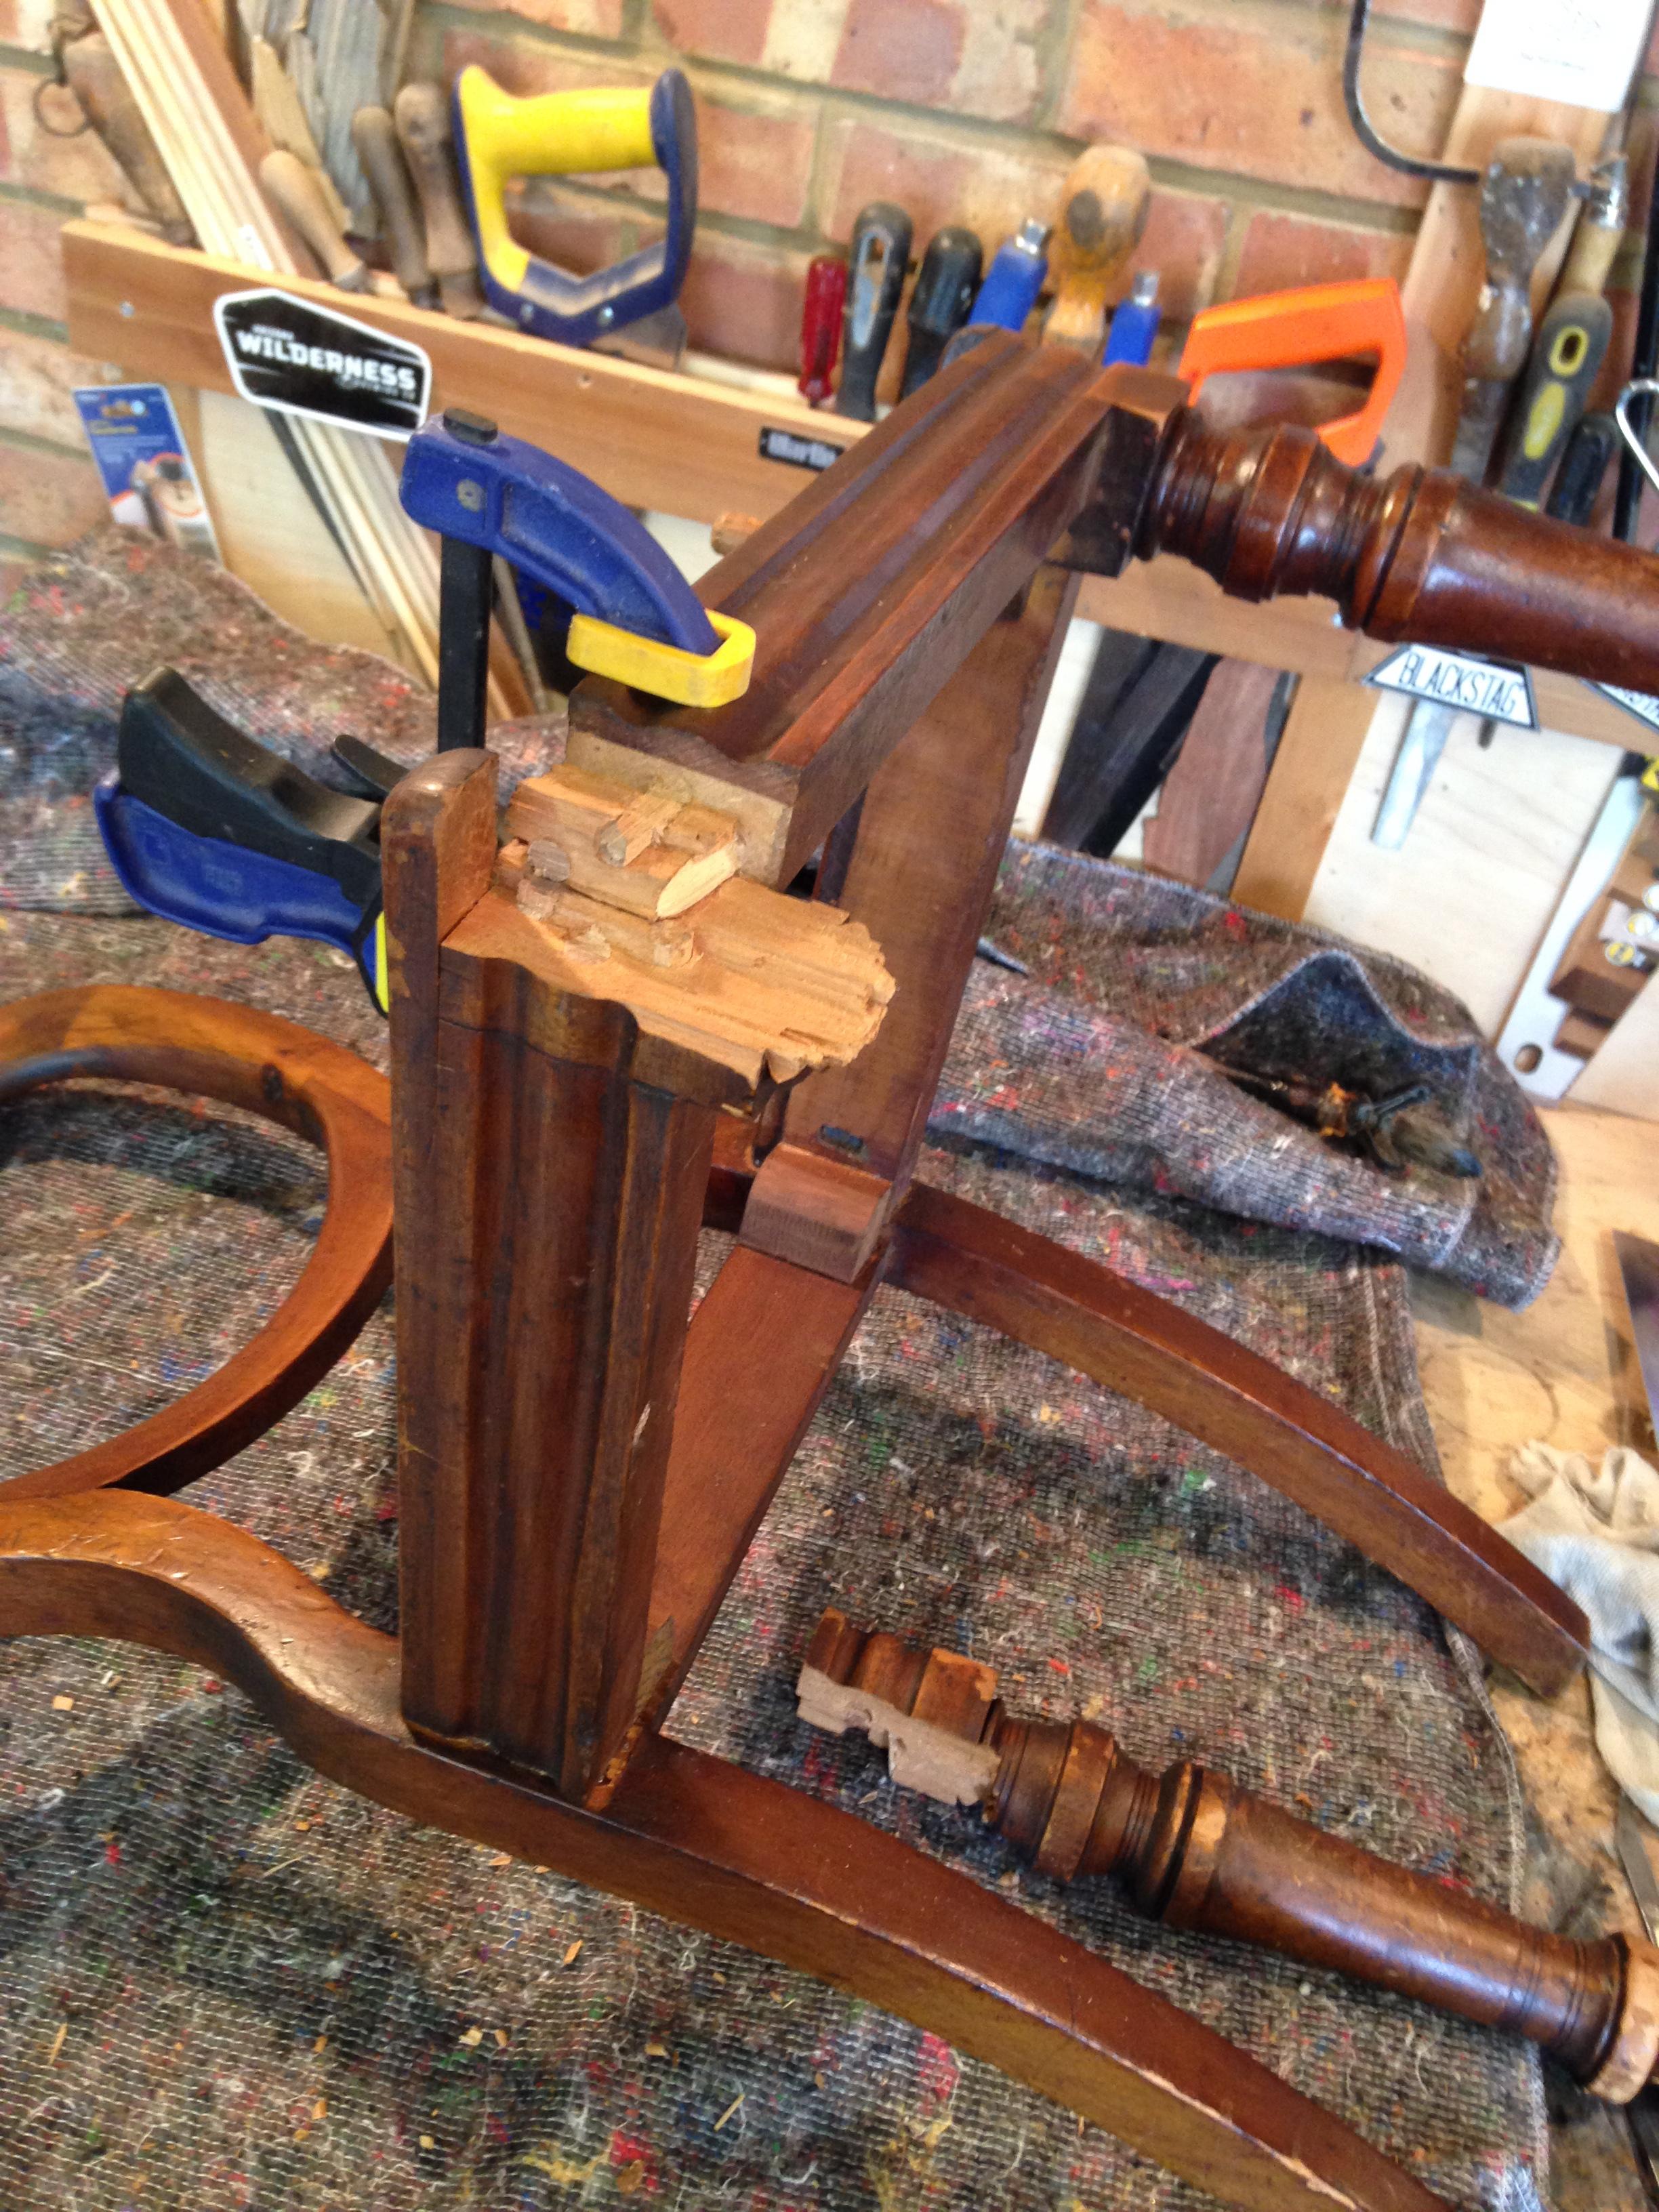 & Balloon-Back Chair Leg Repair